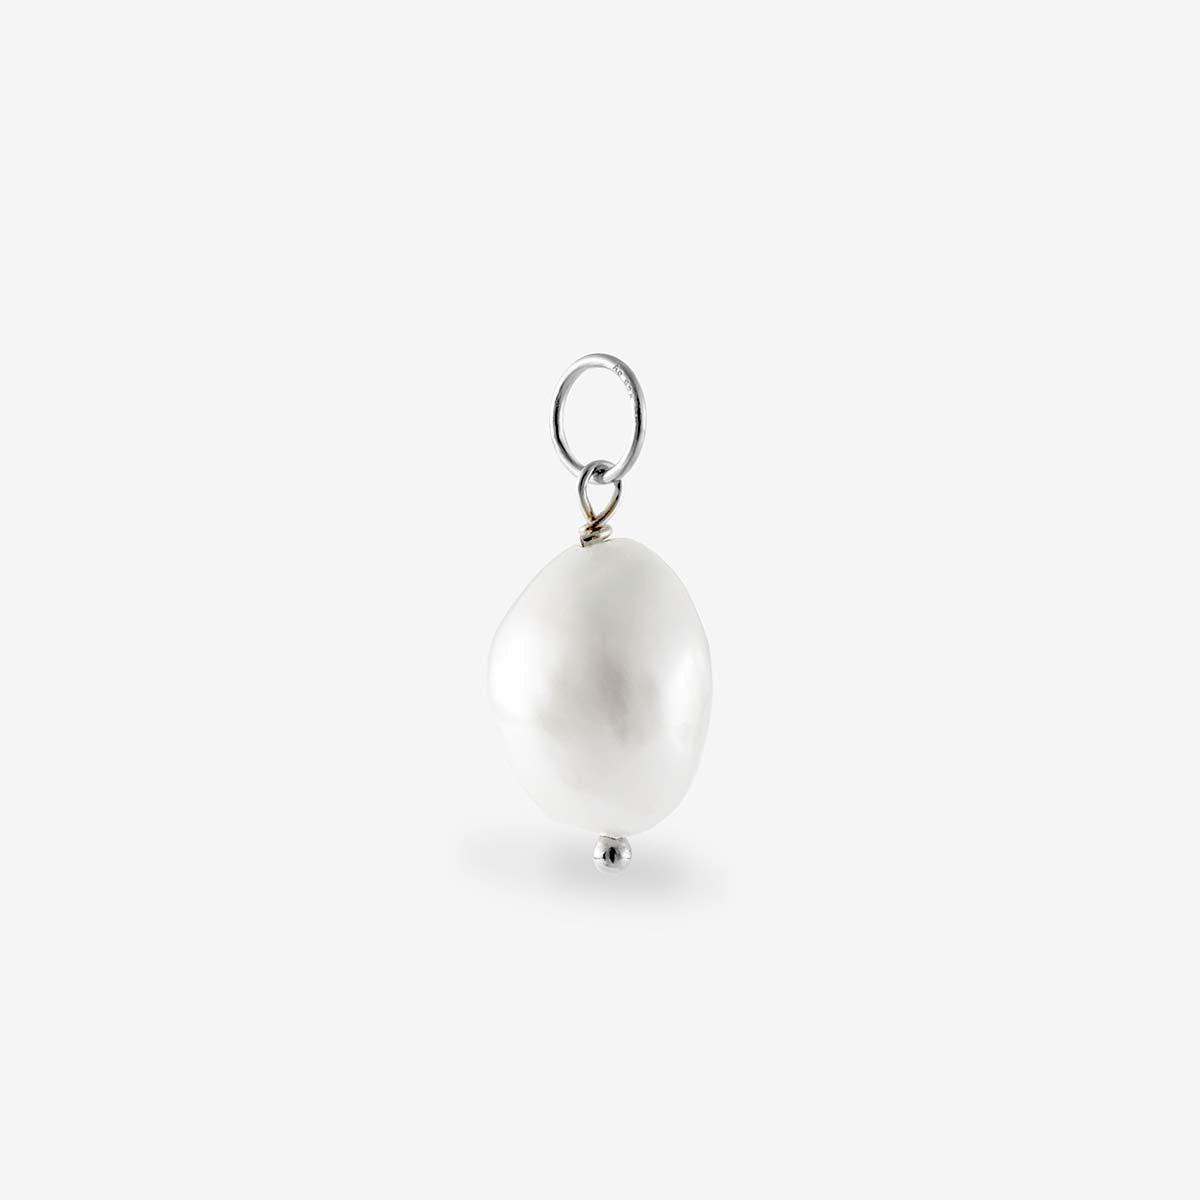 Anhänger Perle - Kettenanhänger - Silber